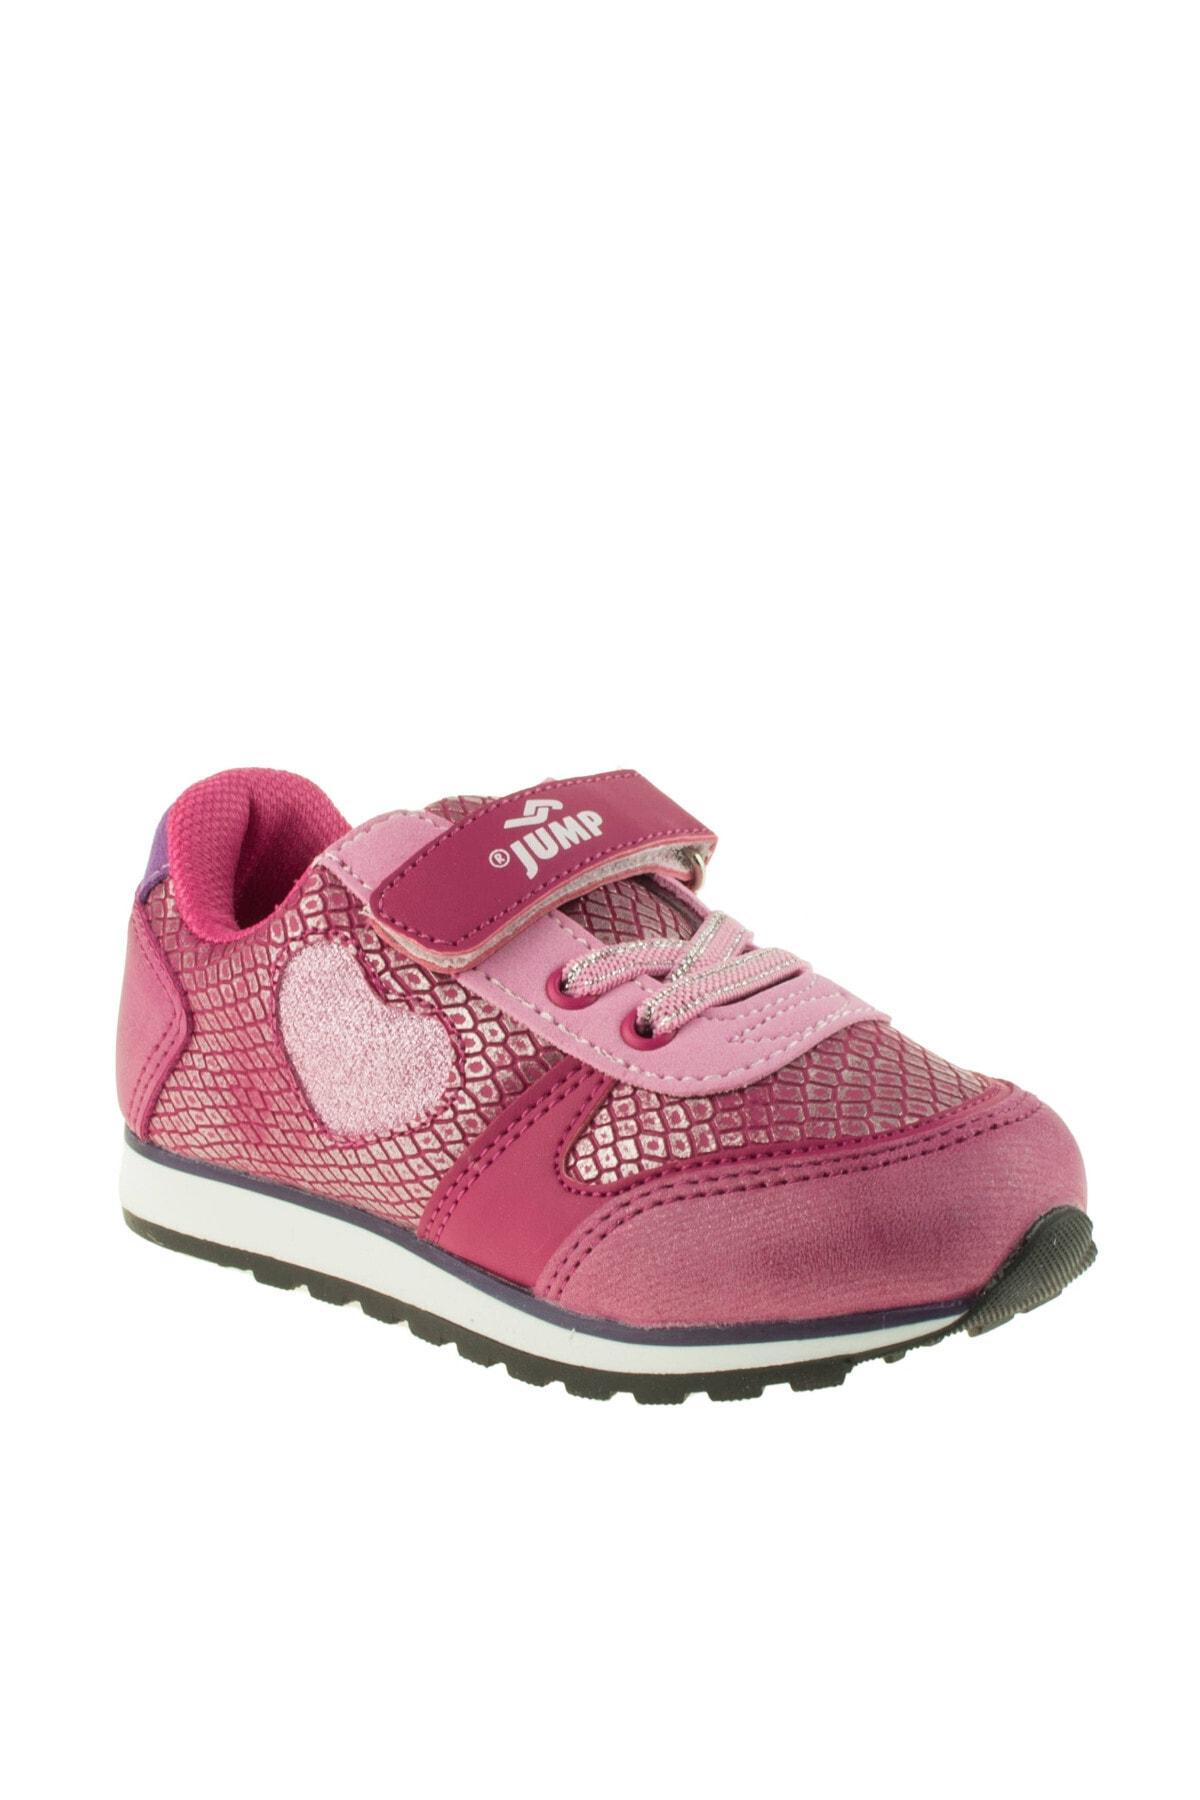 Jump Fuşya Çocuk Ayakkabı 190 17015P 1